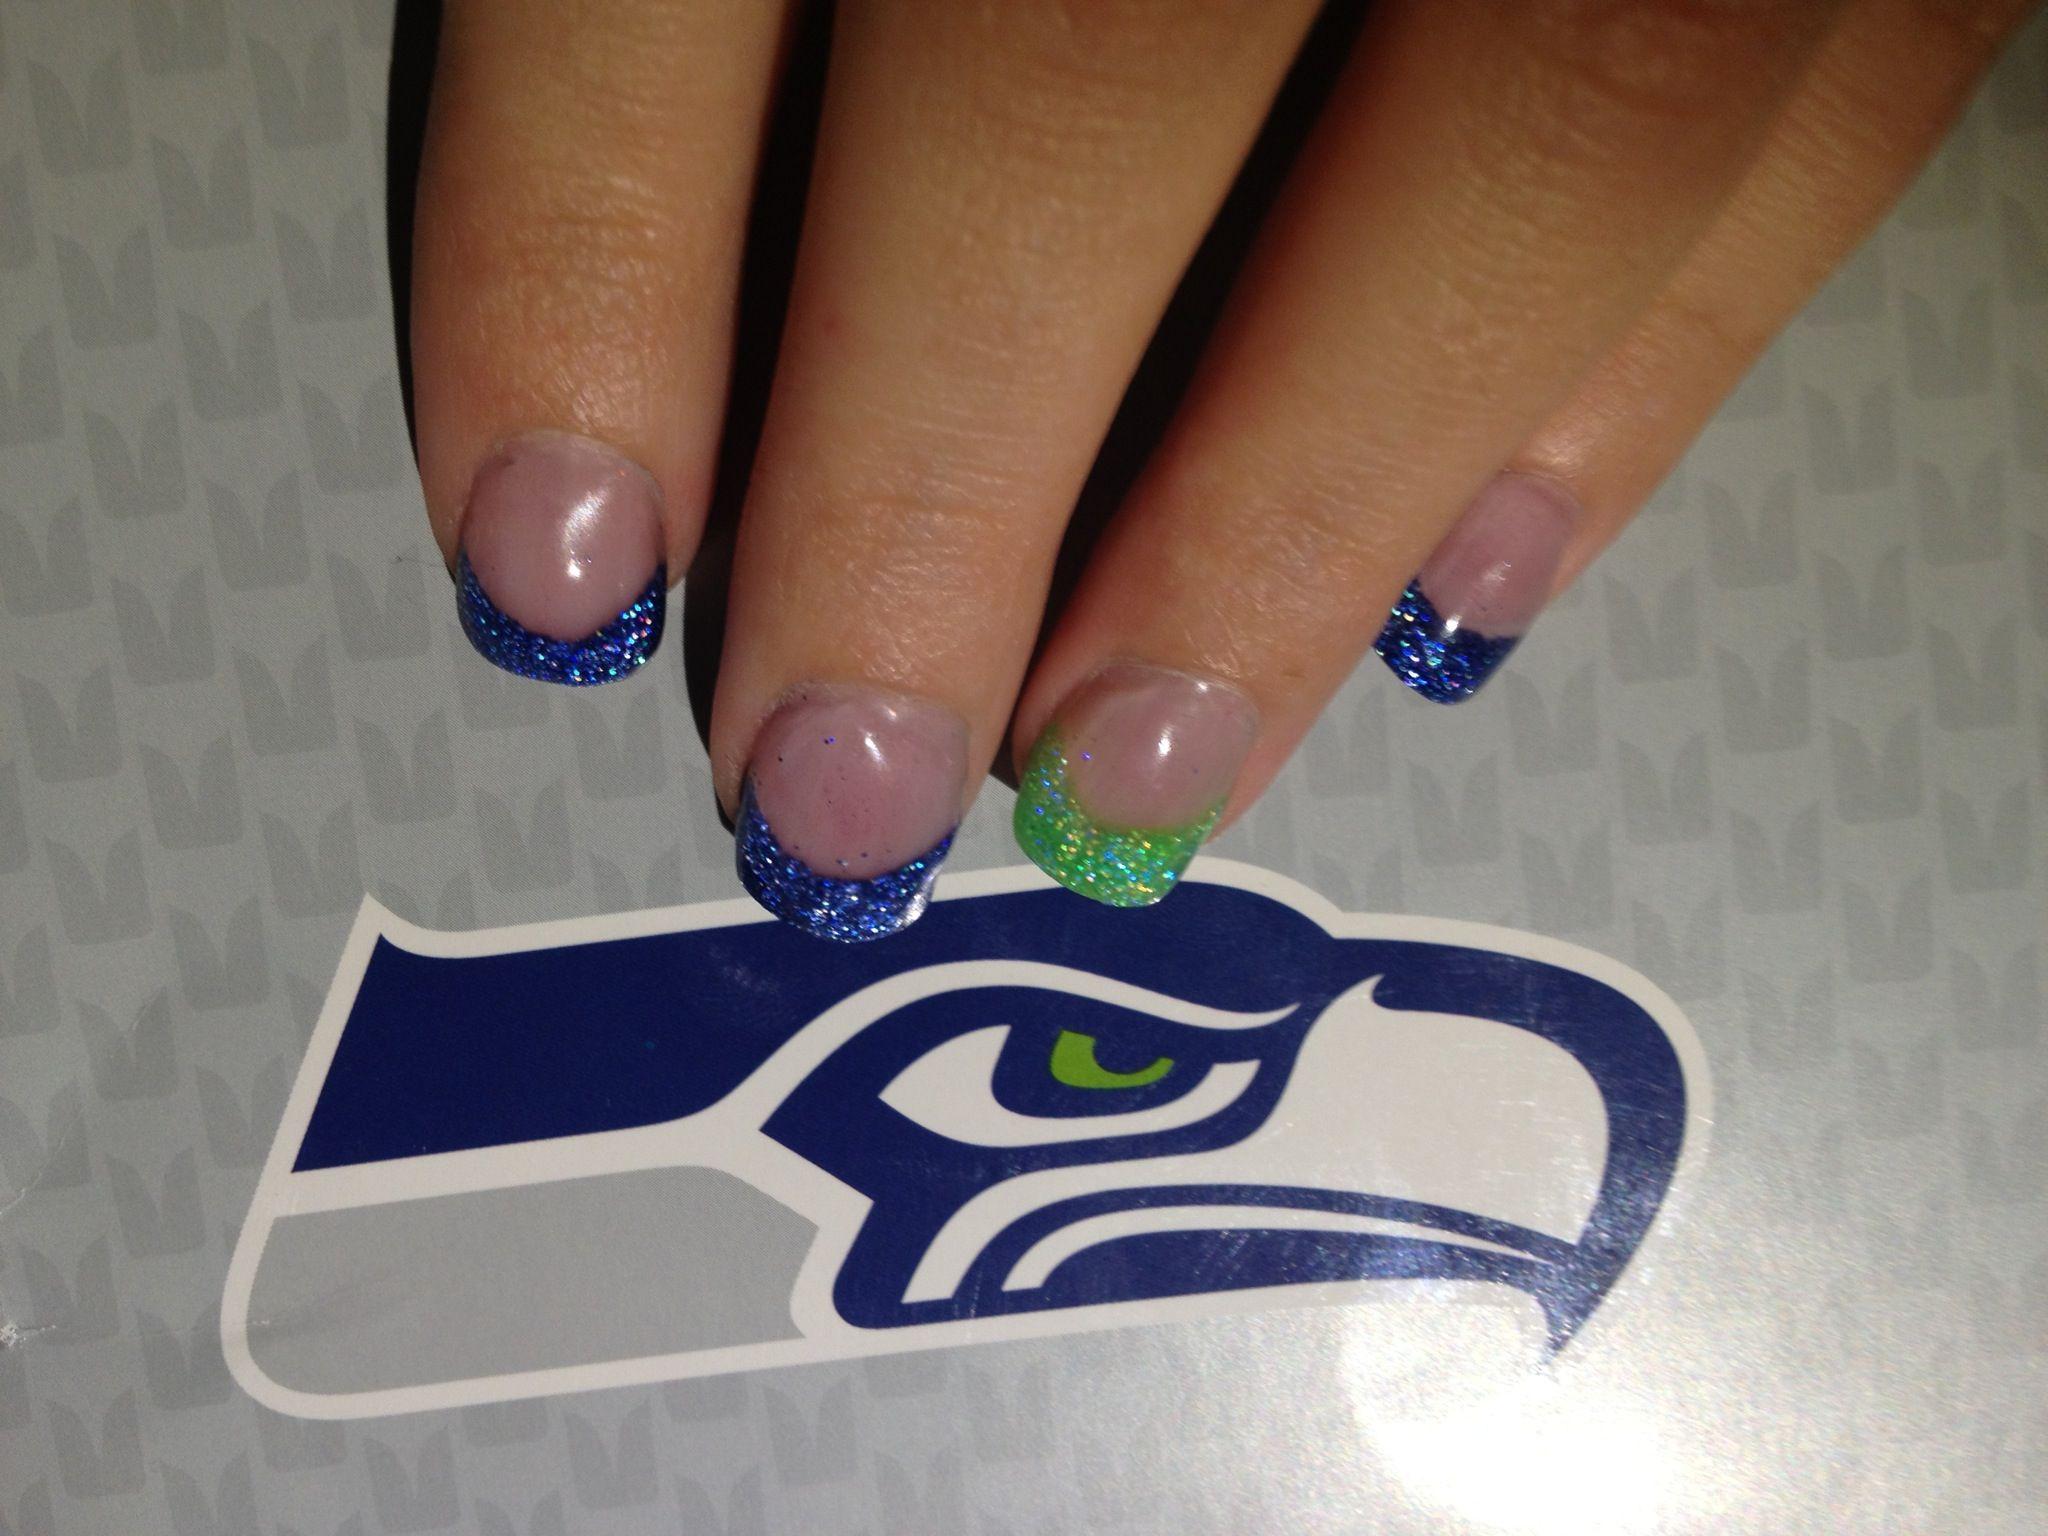 Seahawks Acrylics Nails | Seahawks nails, Acrylic nails, Nails